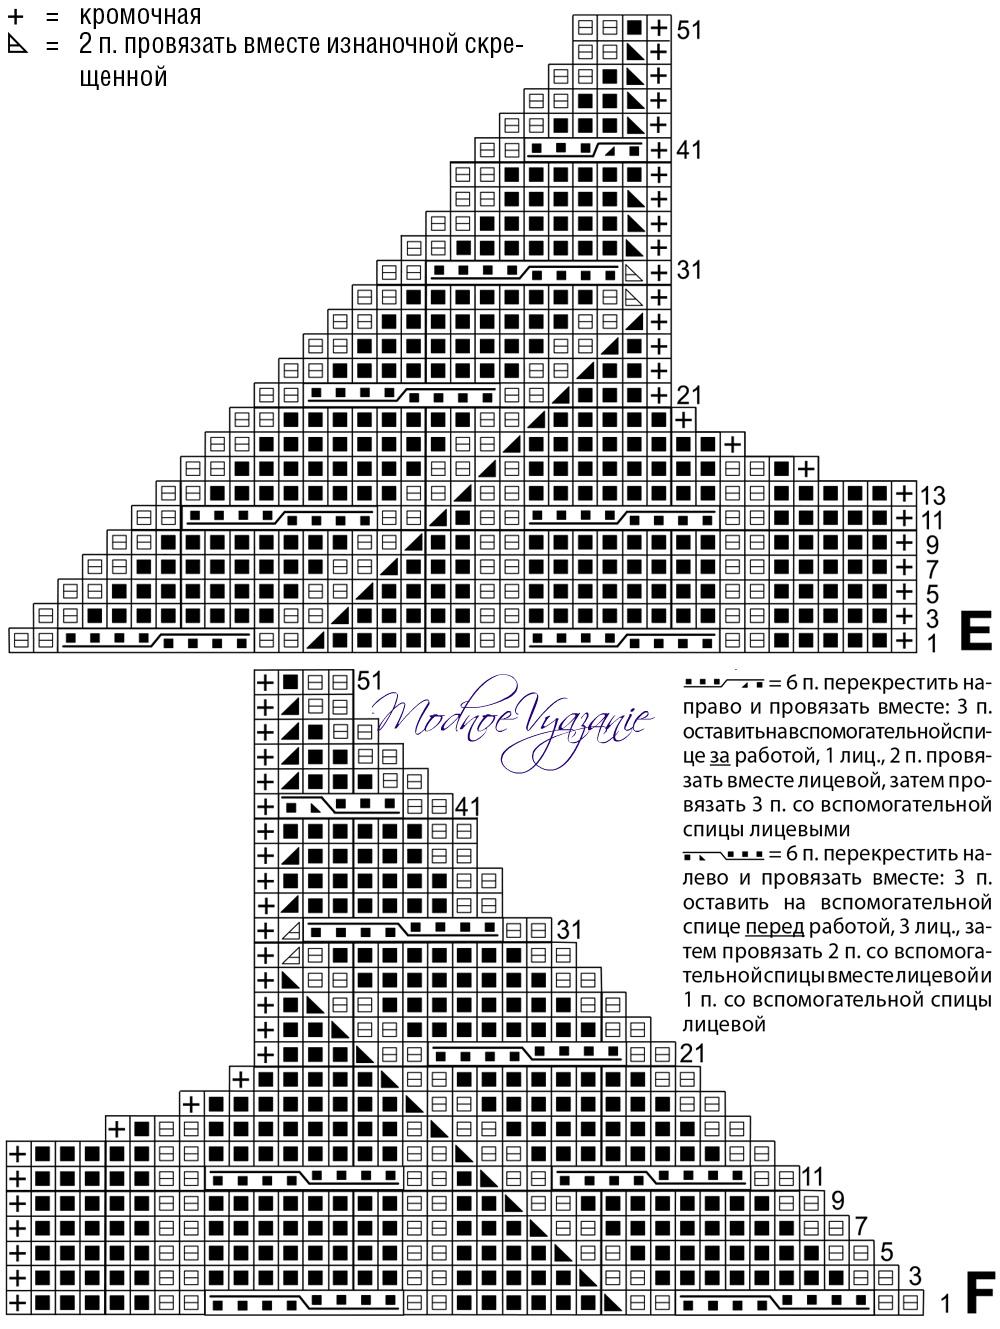 84550115-8329-b1d2-6d7b-87ef0b79cc18